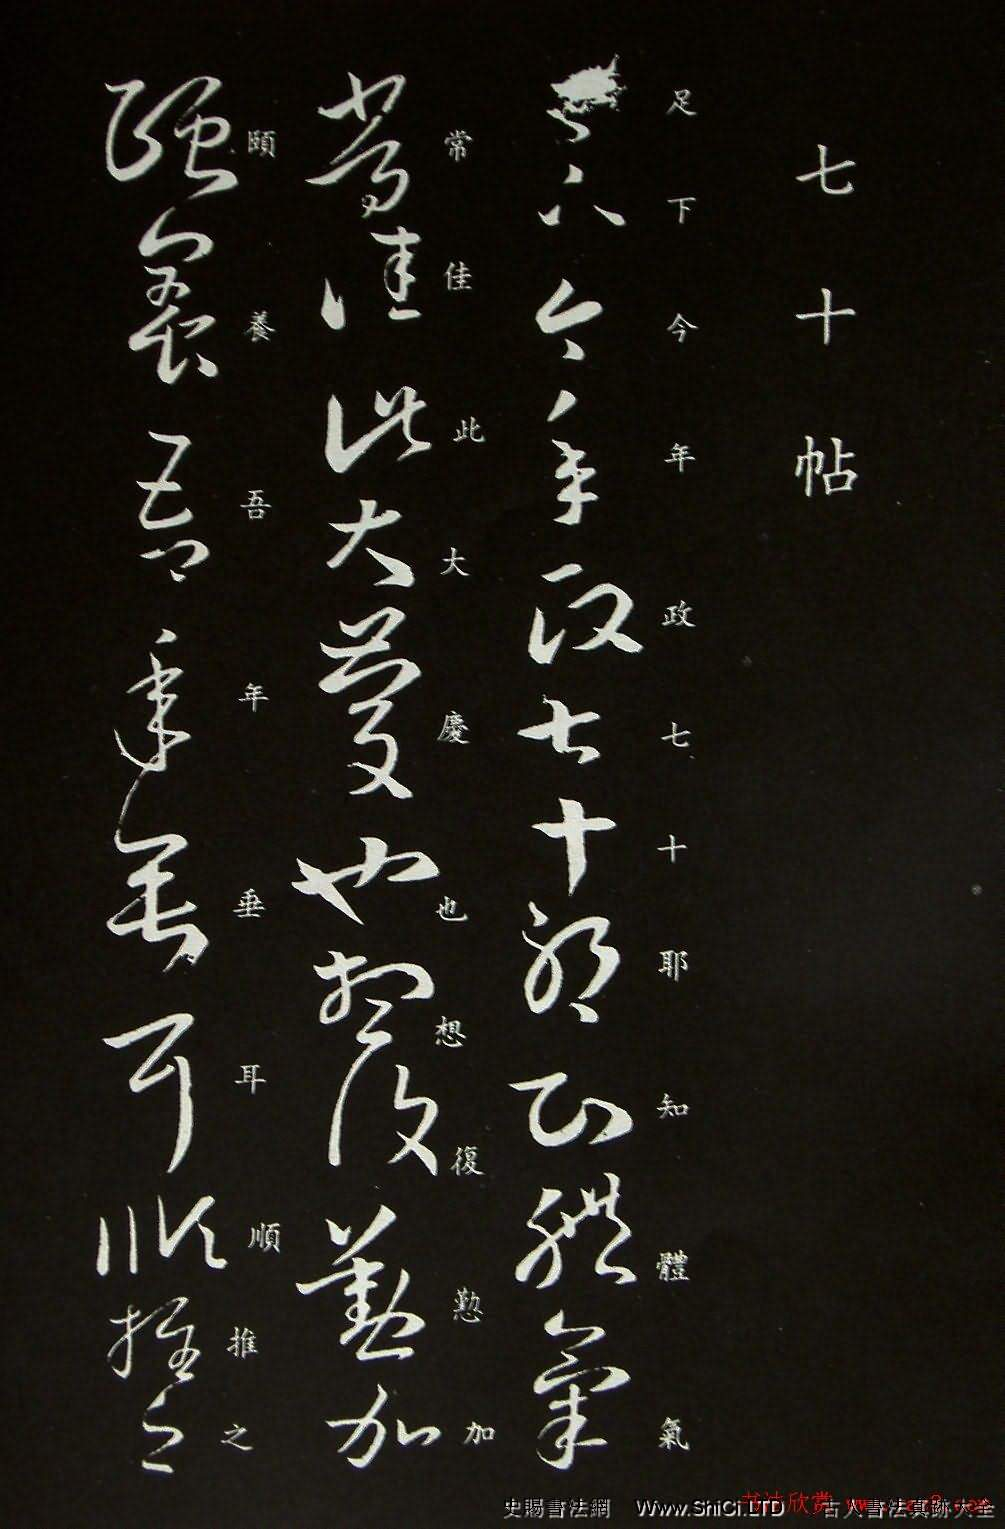 王羲之草書作品真跡欣賞《七十帖》(共3張圖片)